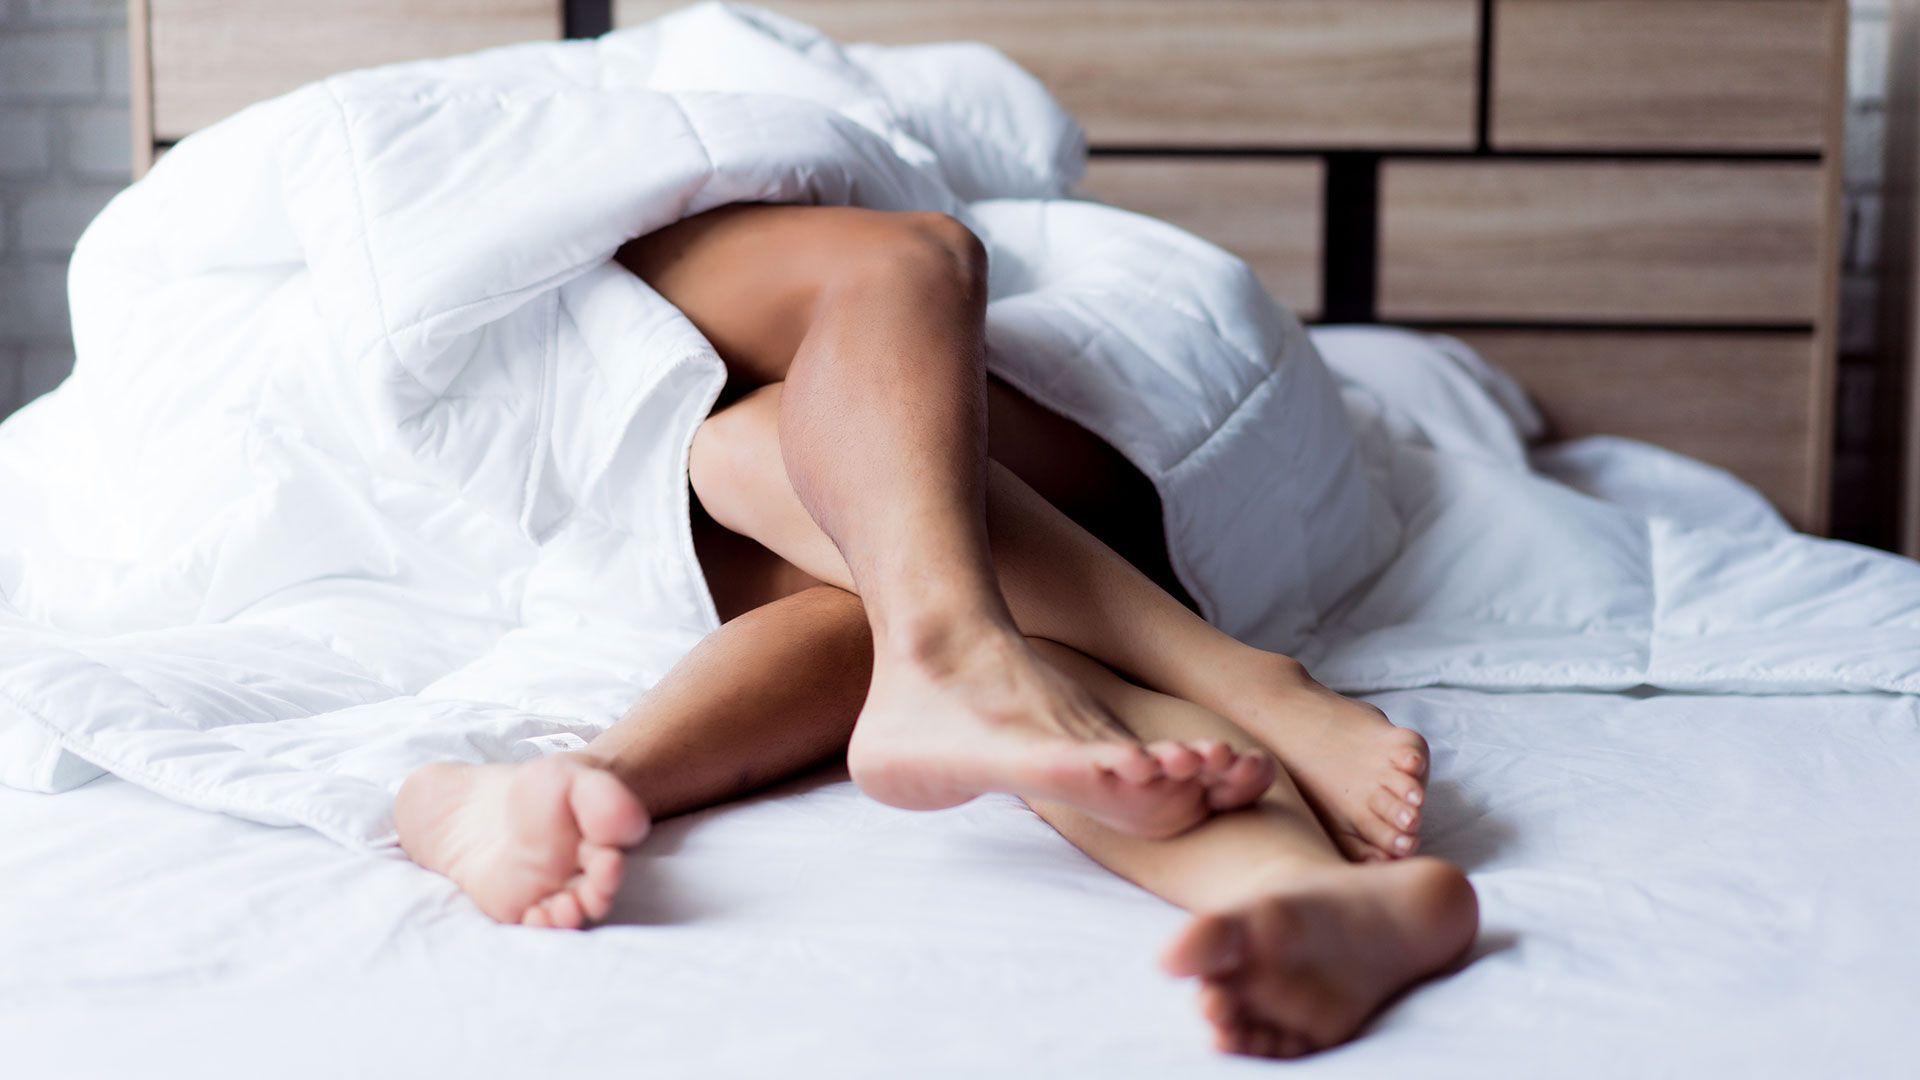 La sífilis es una enfermedad de transmisión sexual producida por una bacteria (Shutterstock)